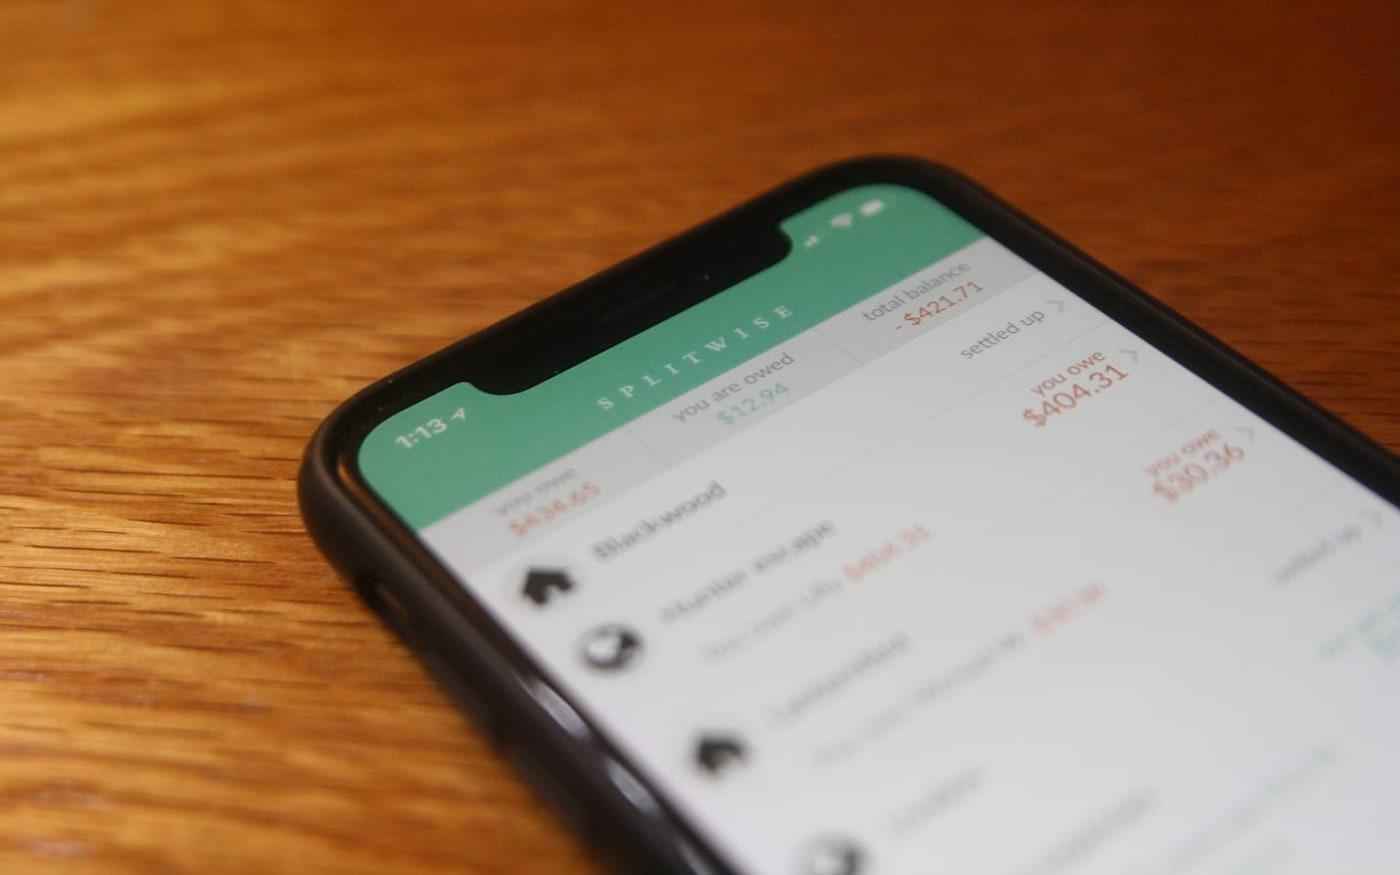 [App da semana] Splitwise - dividir contas nunca foi tão fácil!